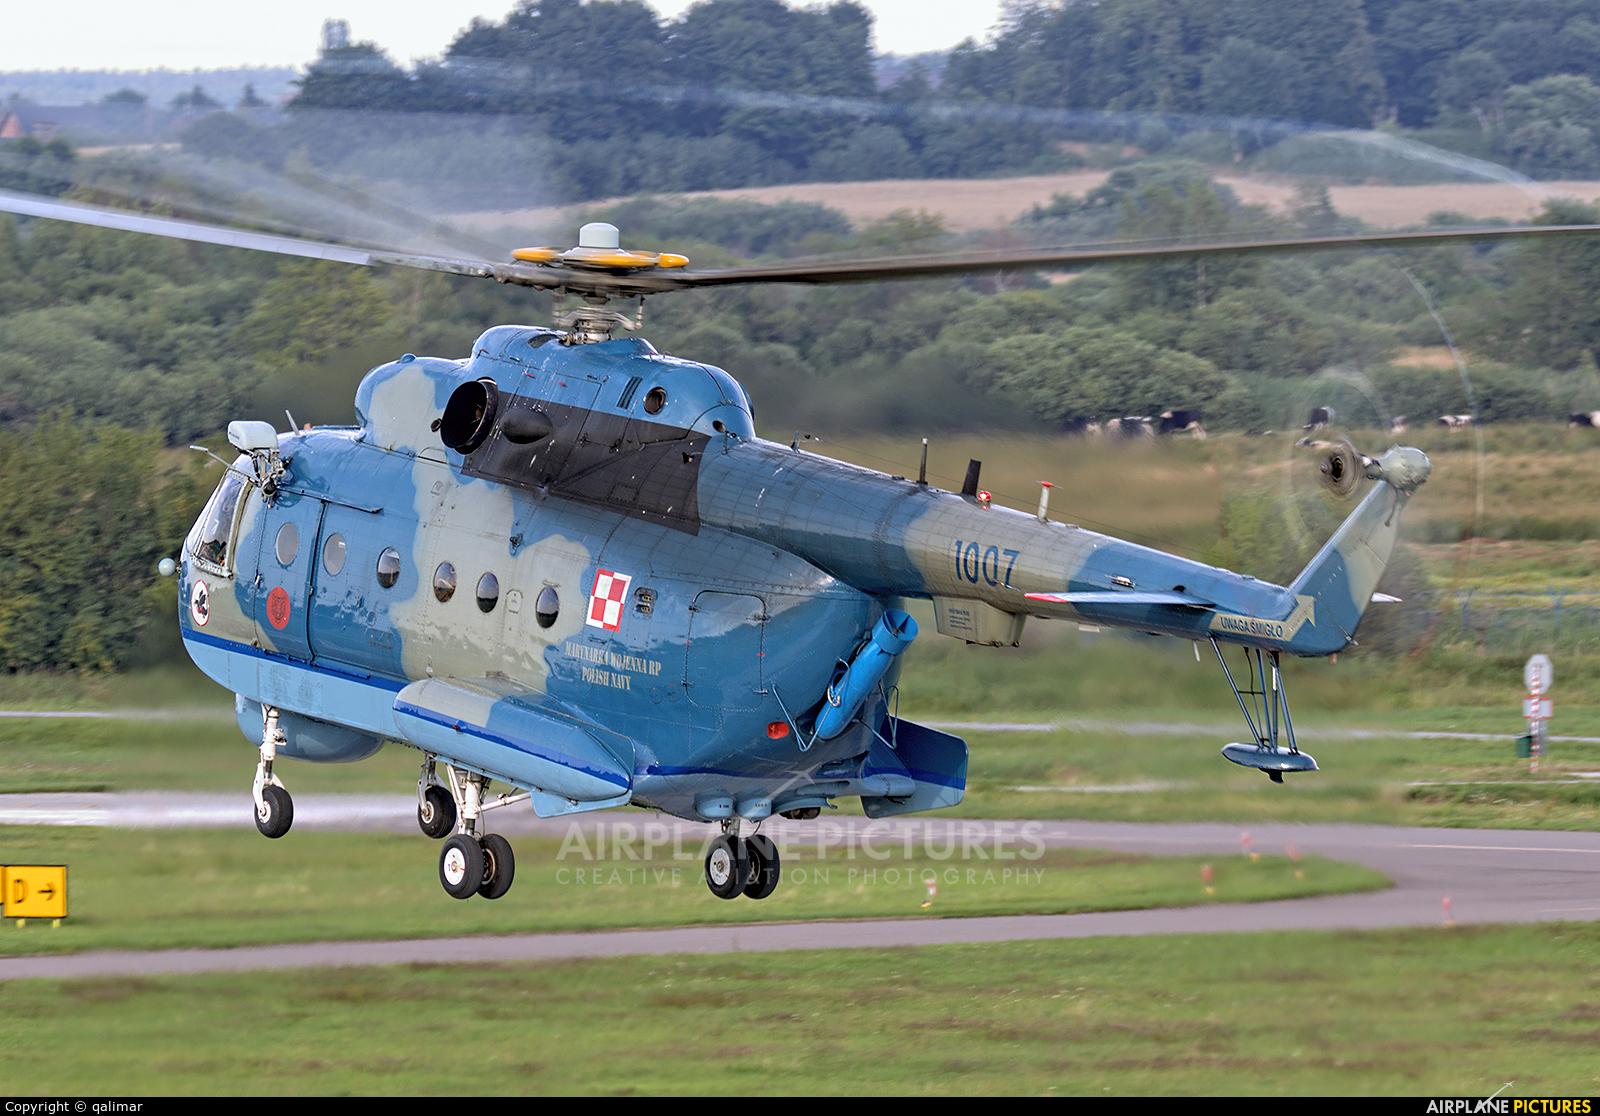 Poland - Navy 1007 aircraft at Darłowo